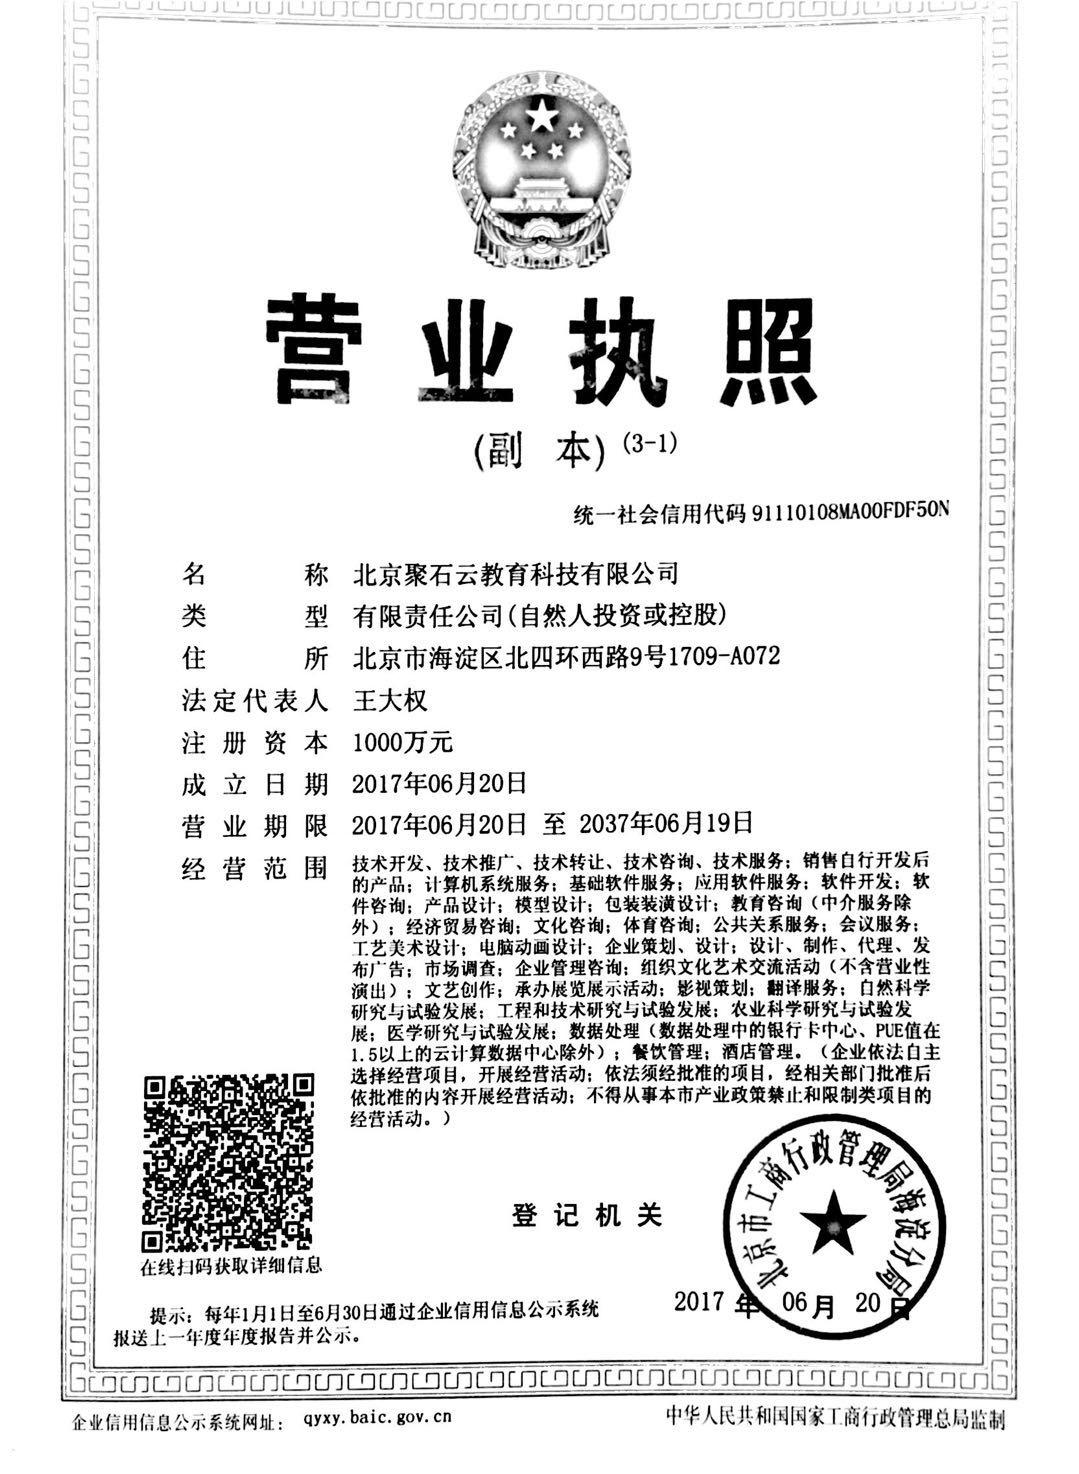 北京聚石云教育科技有限公司面向全国招聘代